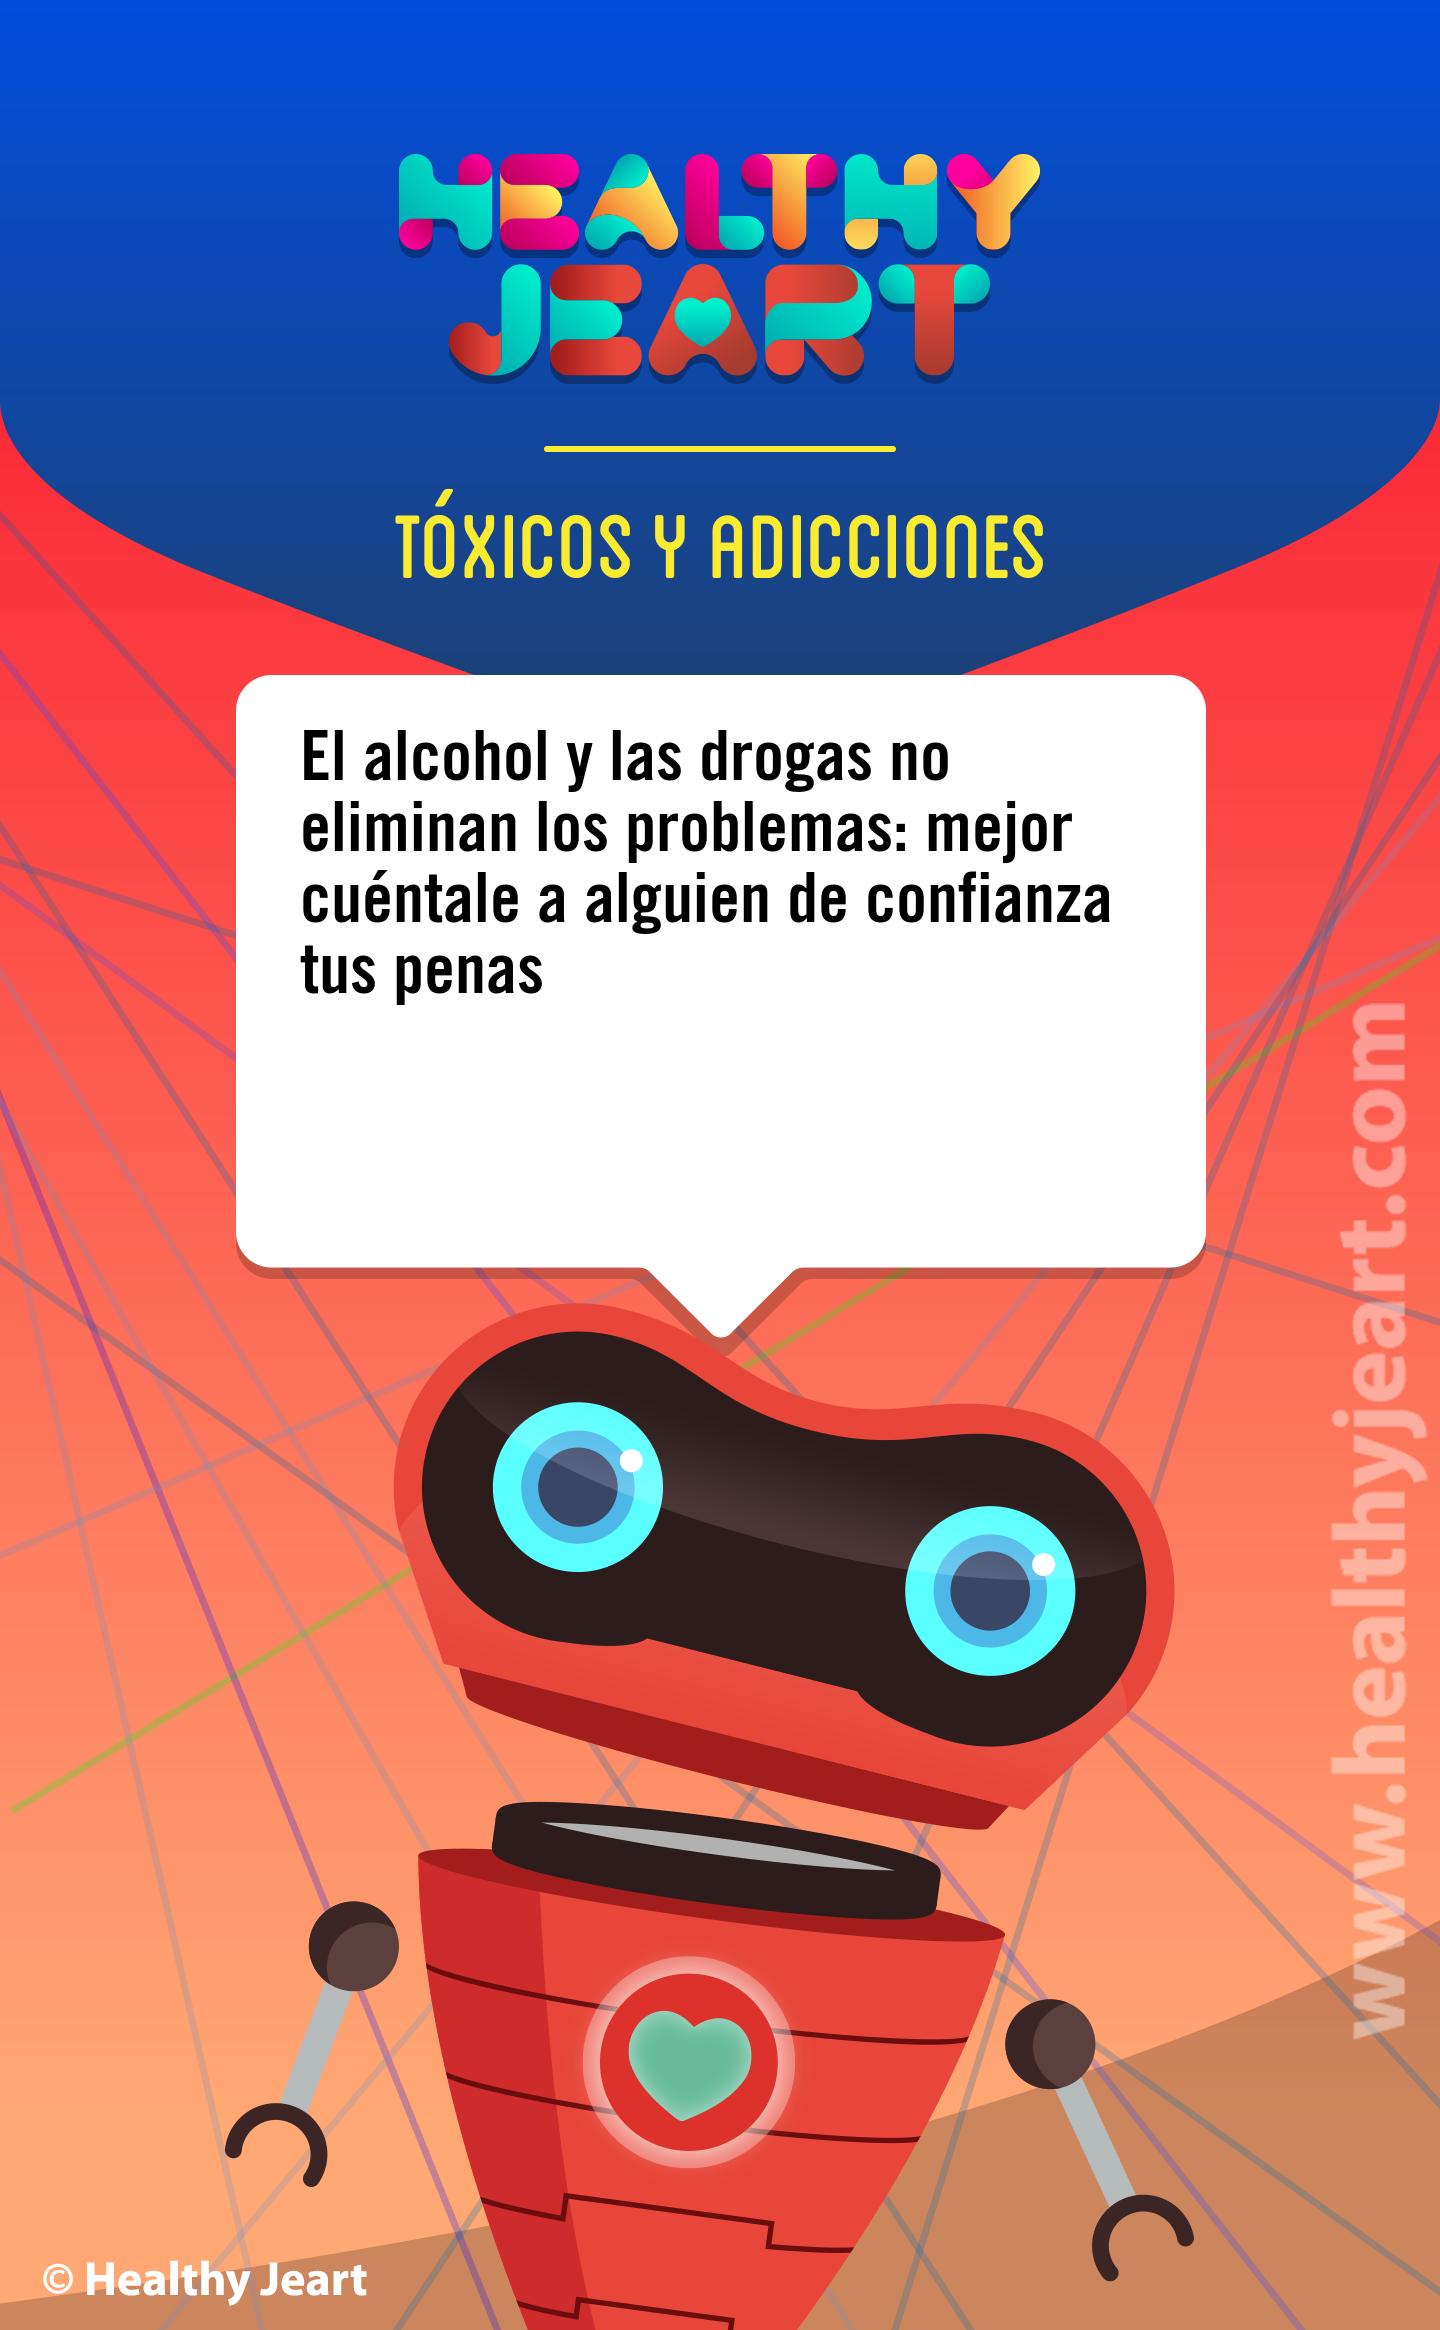 El alcohol y las drogas no eliminan los problemas: mejor cuéntale a alguien de confianza tus penas